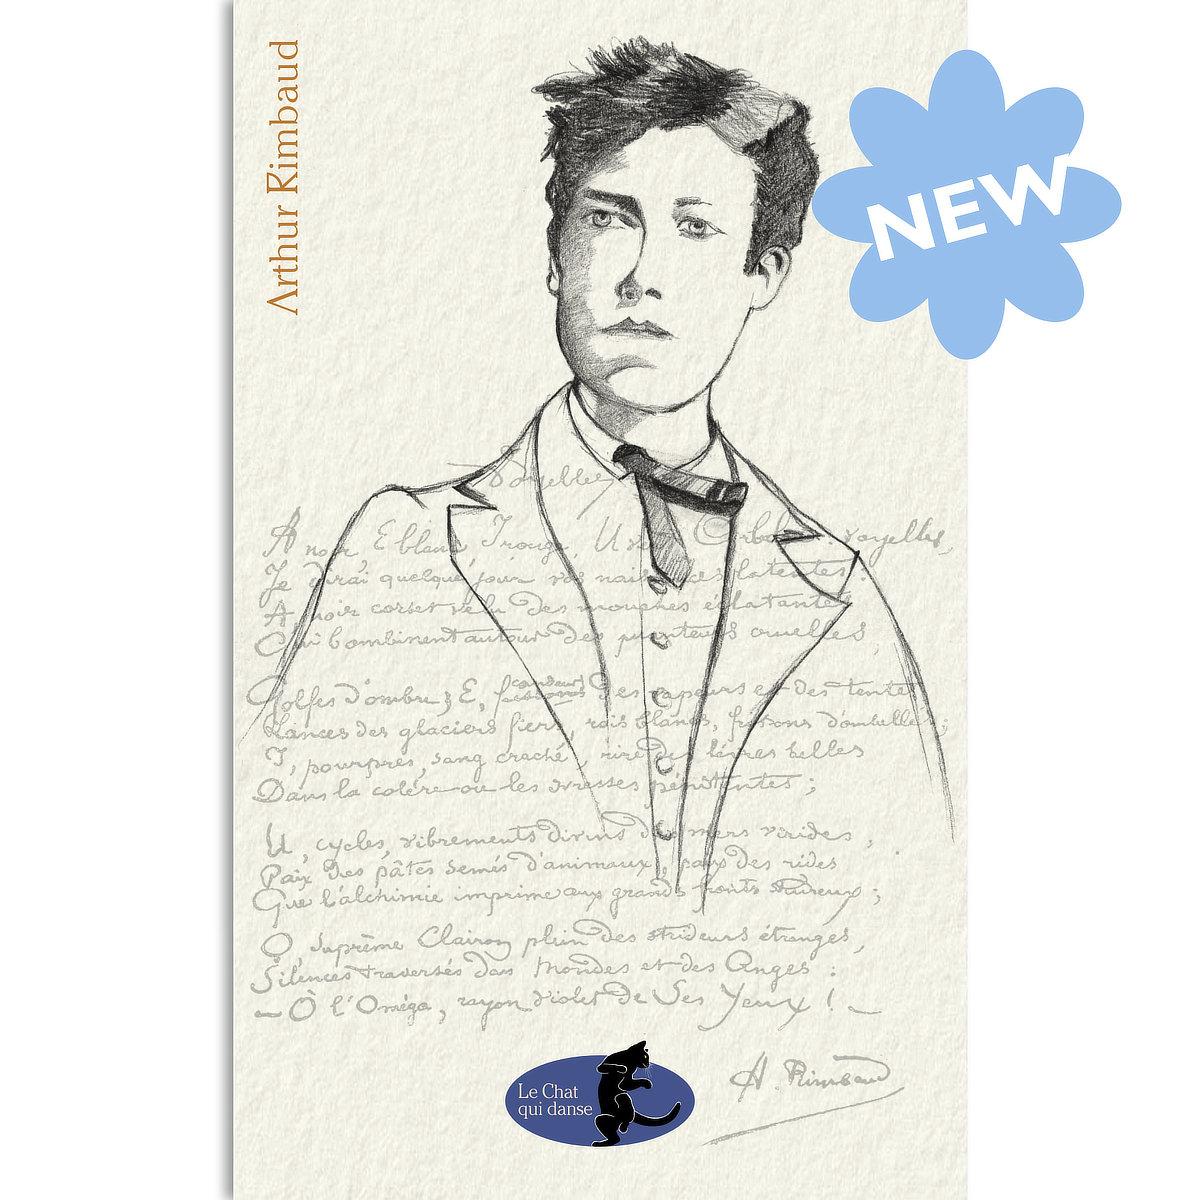 Carnet de notes et croquis Arthur Rimbaud.